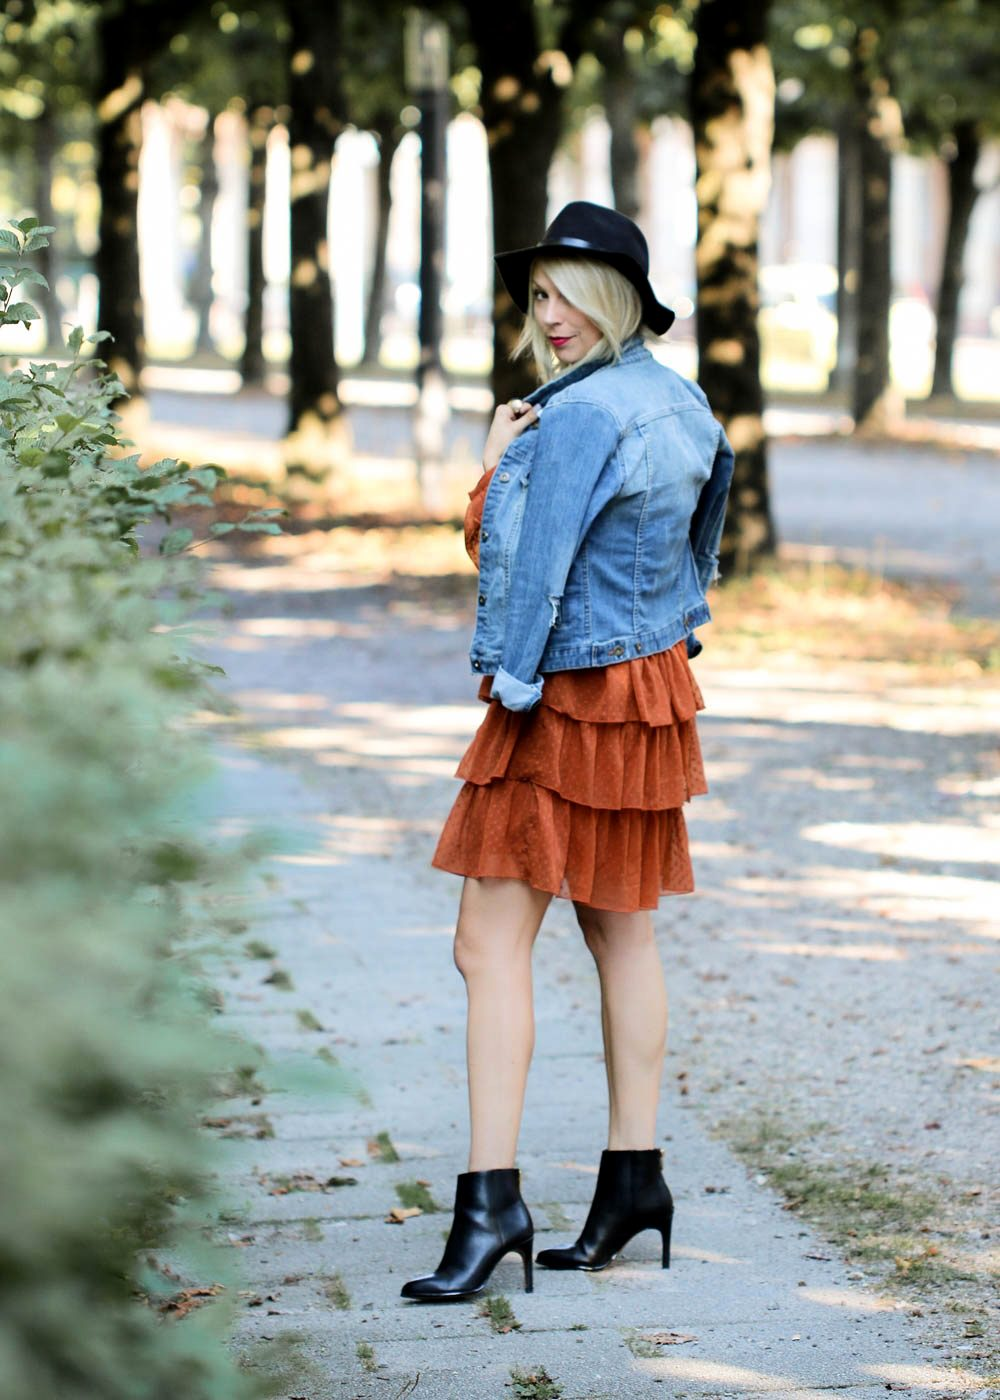 outfit-kleid-volants-vero-moda-rostrot-jeansjacke-stiefeletten-hut-5-von-7